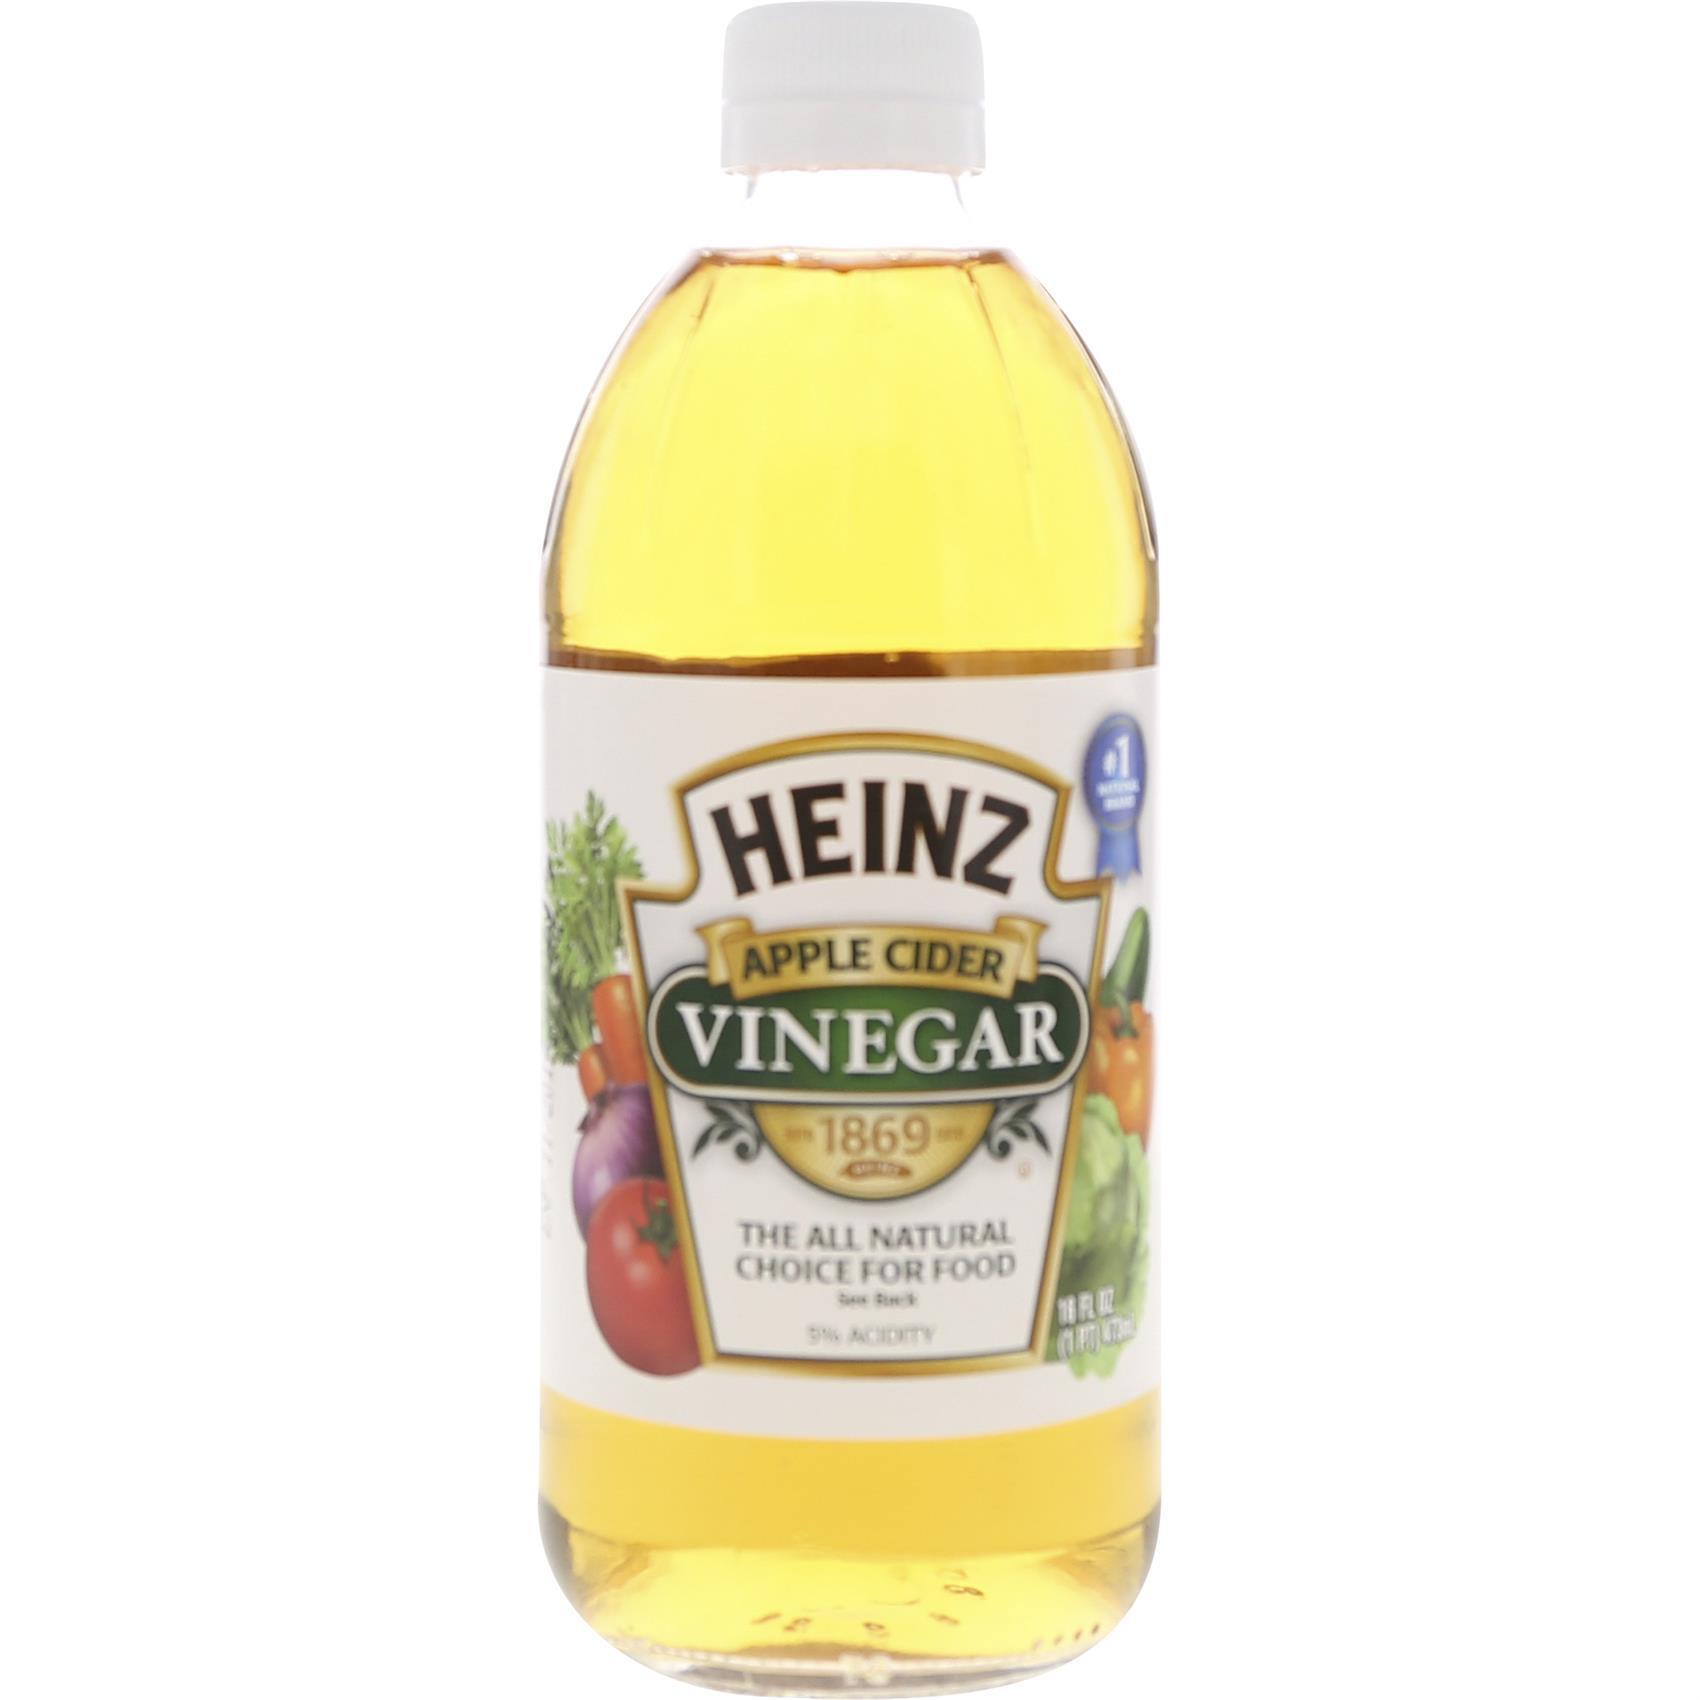 HEINZ CIDER VINEGAR 453GR